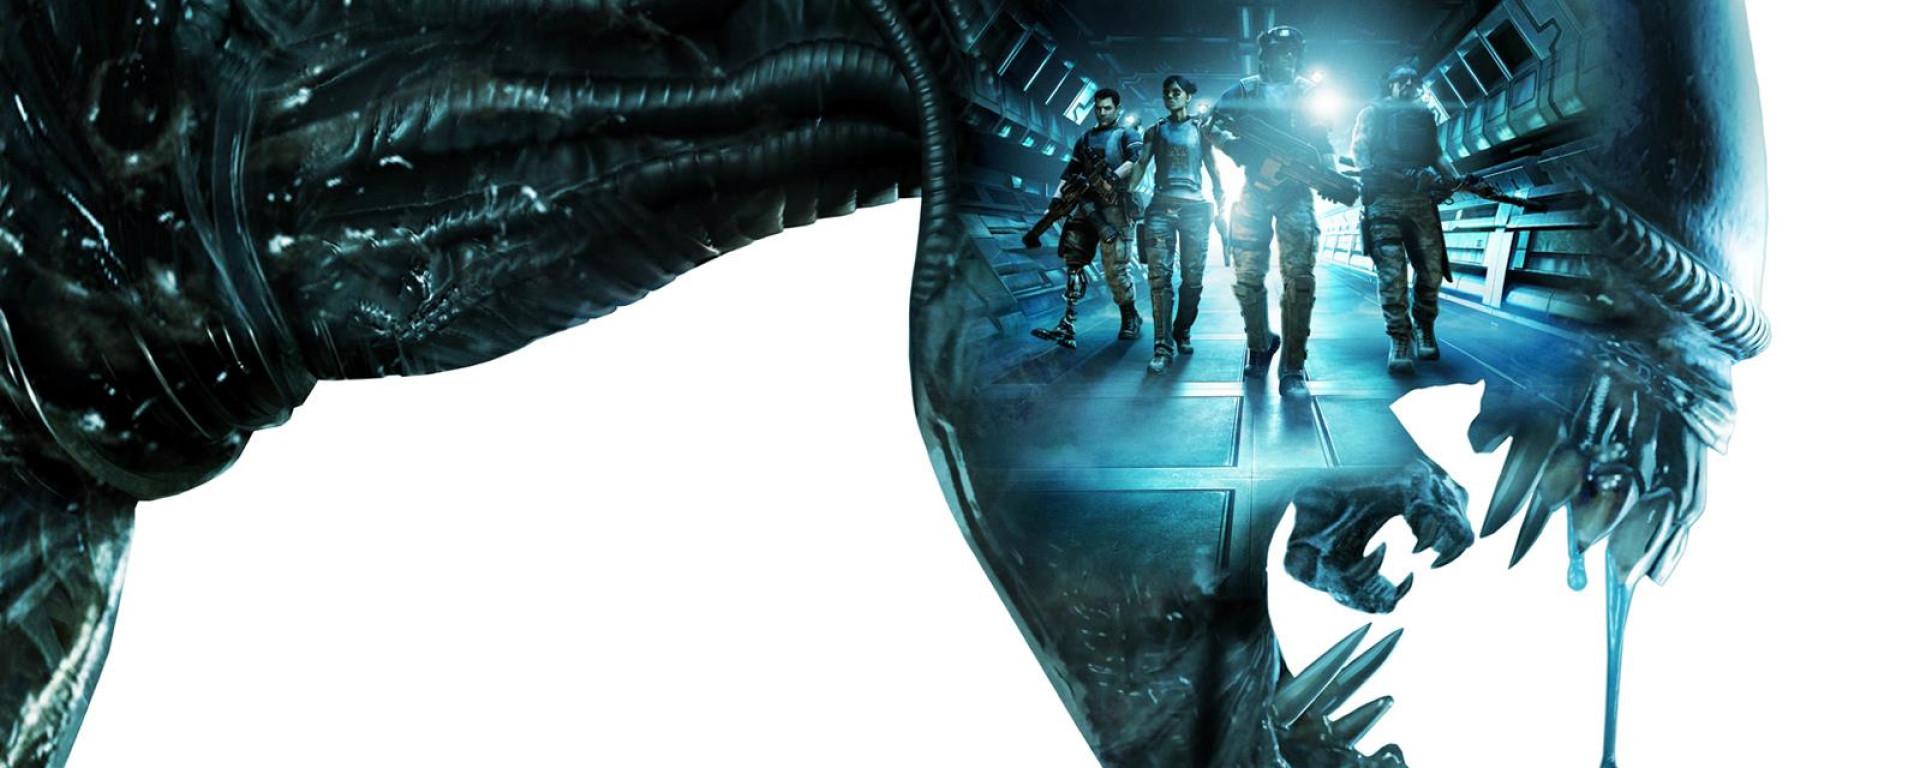 alienscolonialback